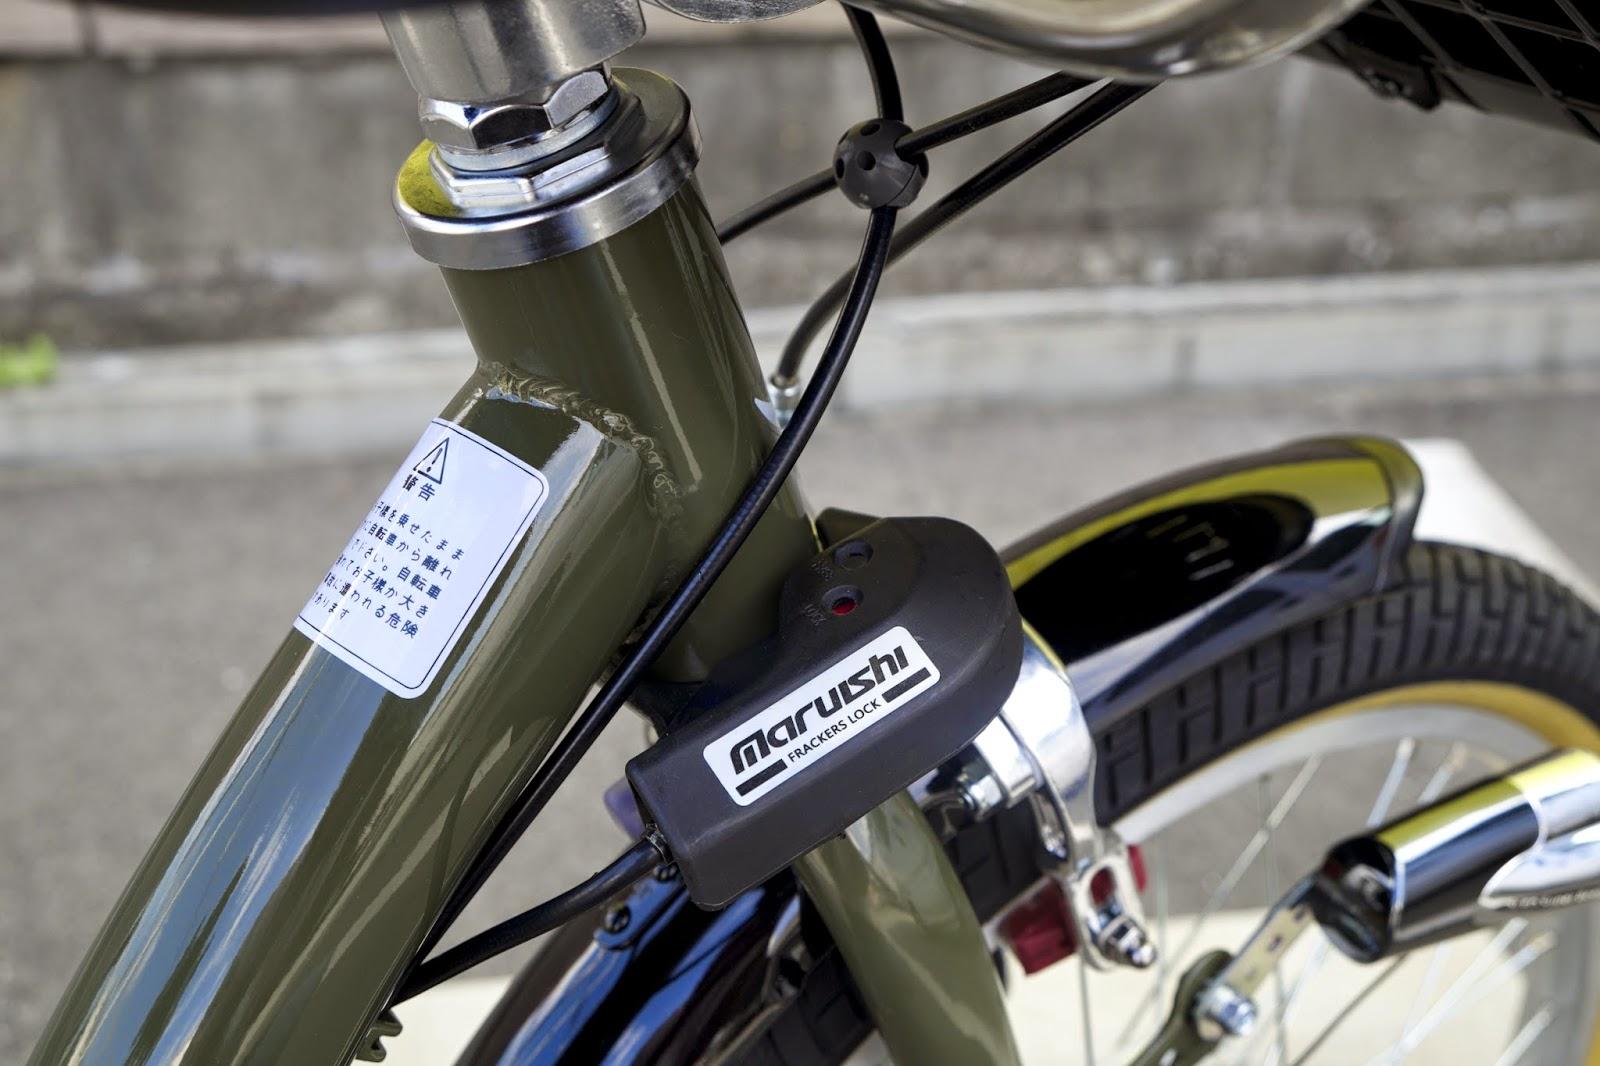 自転車の 自転車 転倒 子供 : ... 、さらに転倒を 防ぐのです